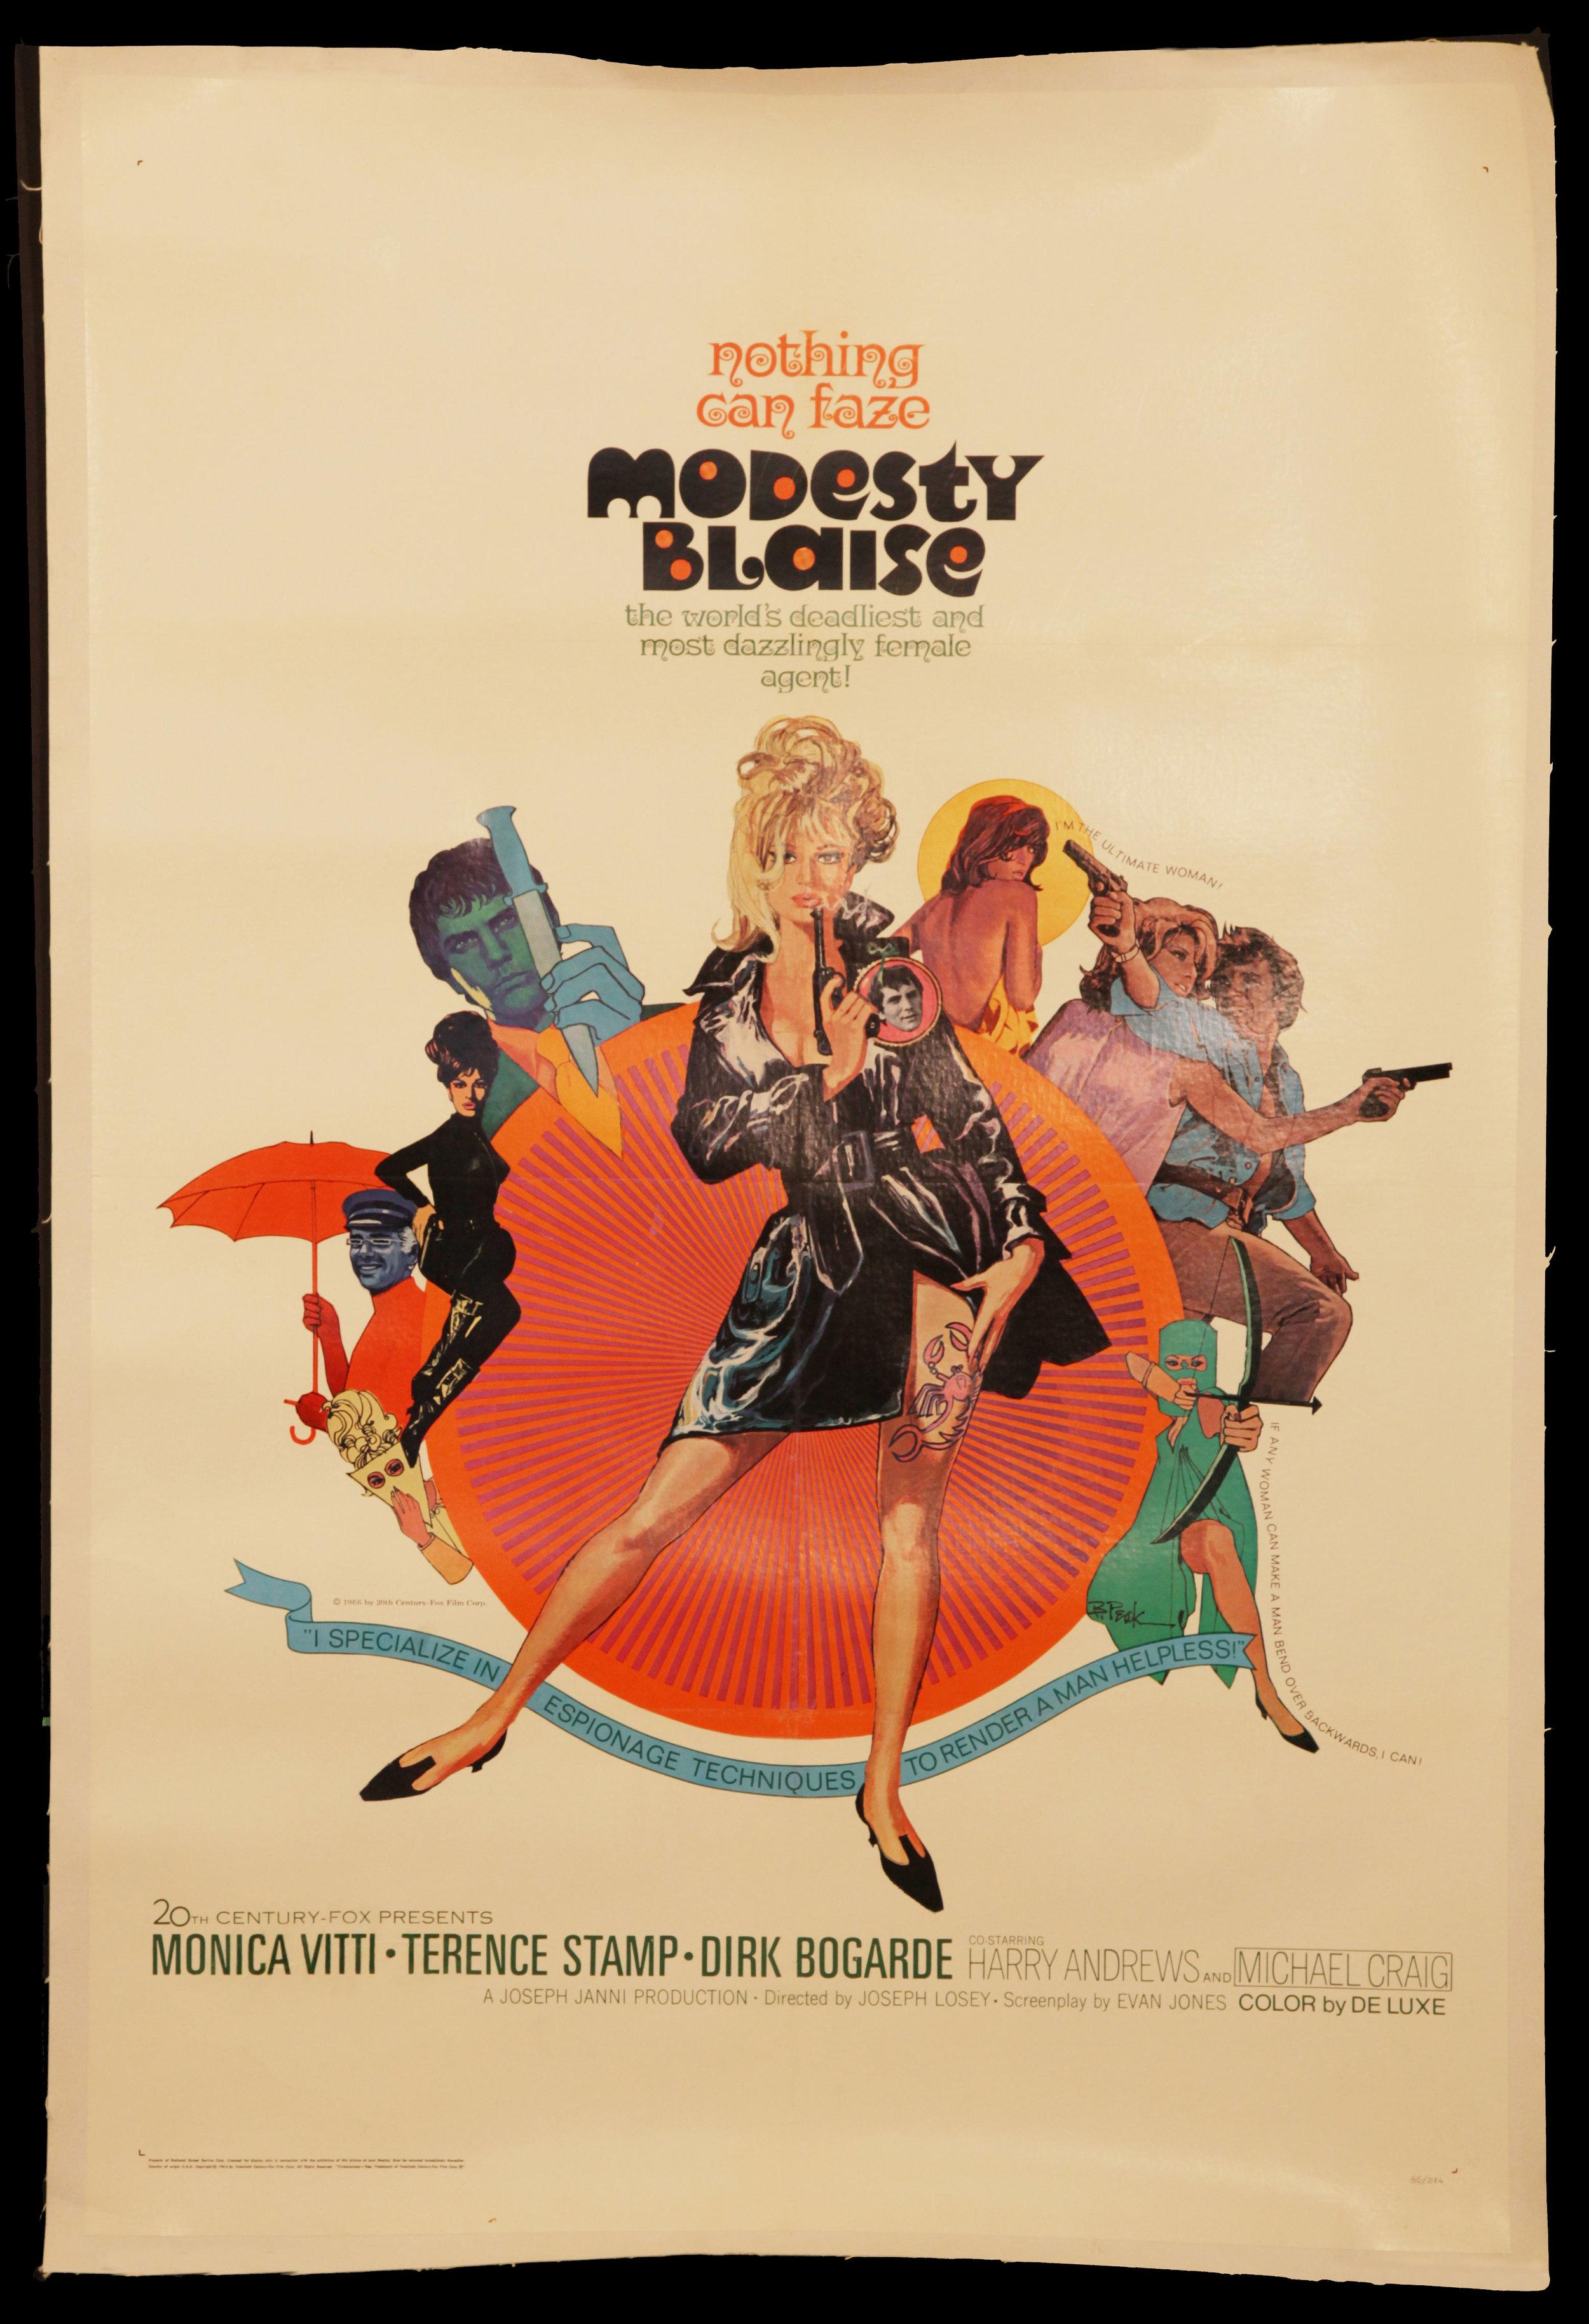 Modesy Blaise (1966)